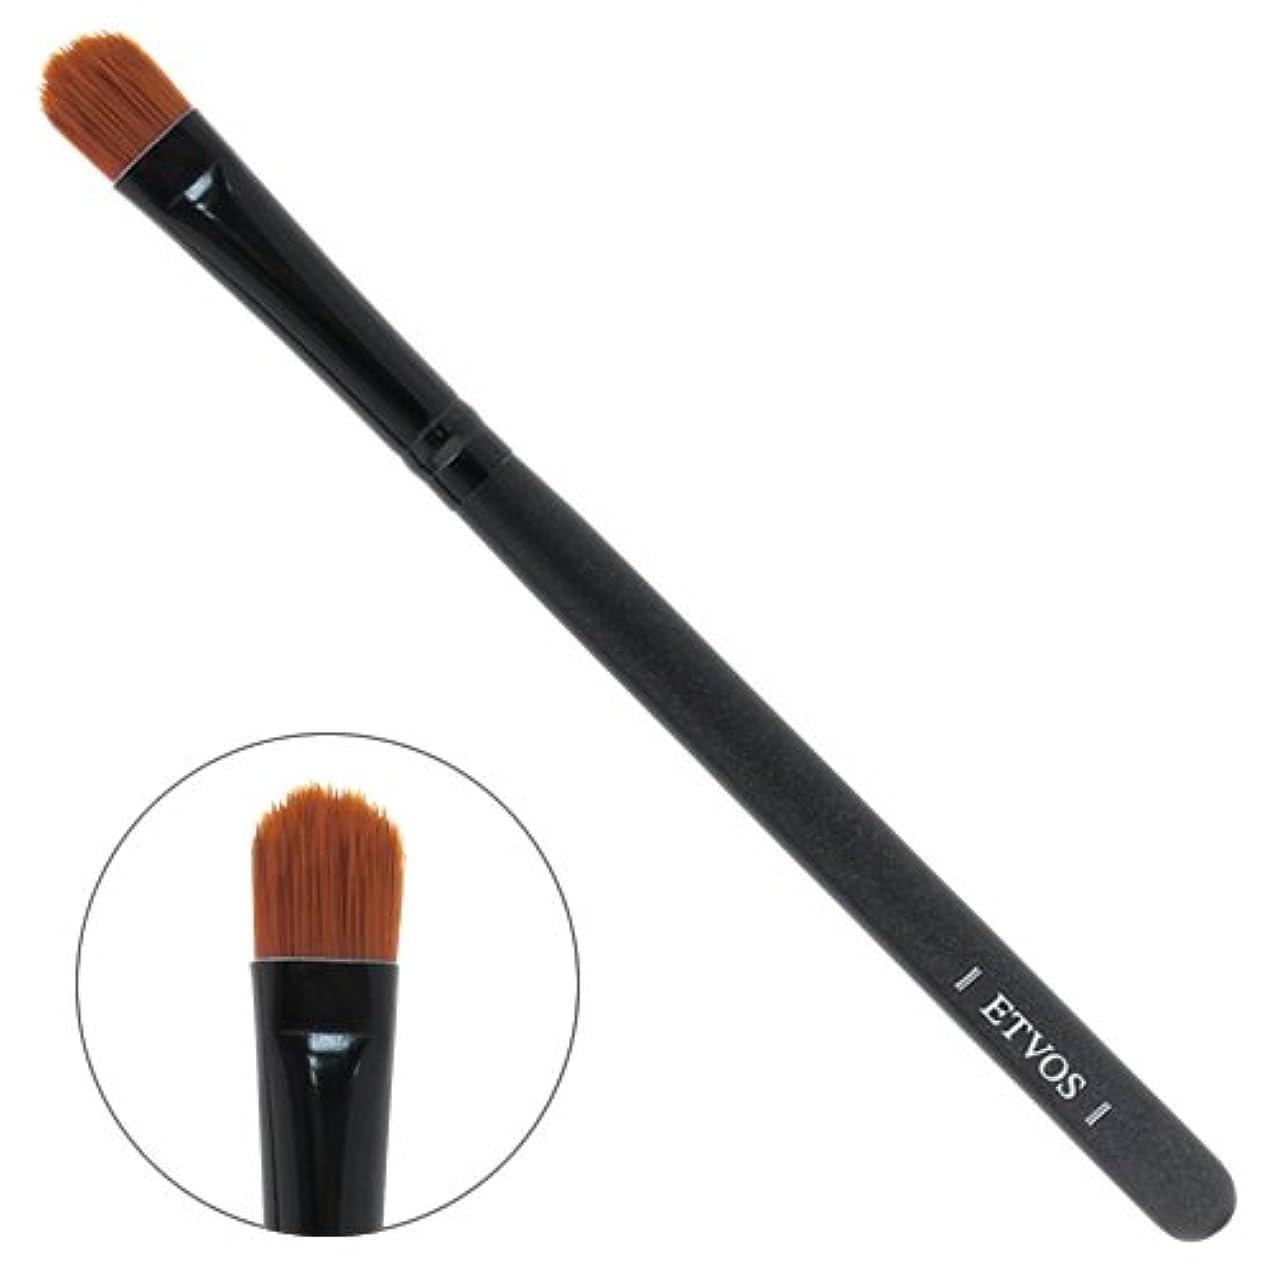 シャベル実り多い後ETVOS(エトヴォス) アイシャドーブラシ 平らで毛先を丸カット/アイシャドウ用化粧筆 重ね塗り対応 14cm